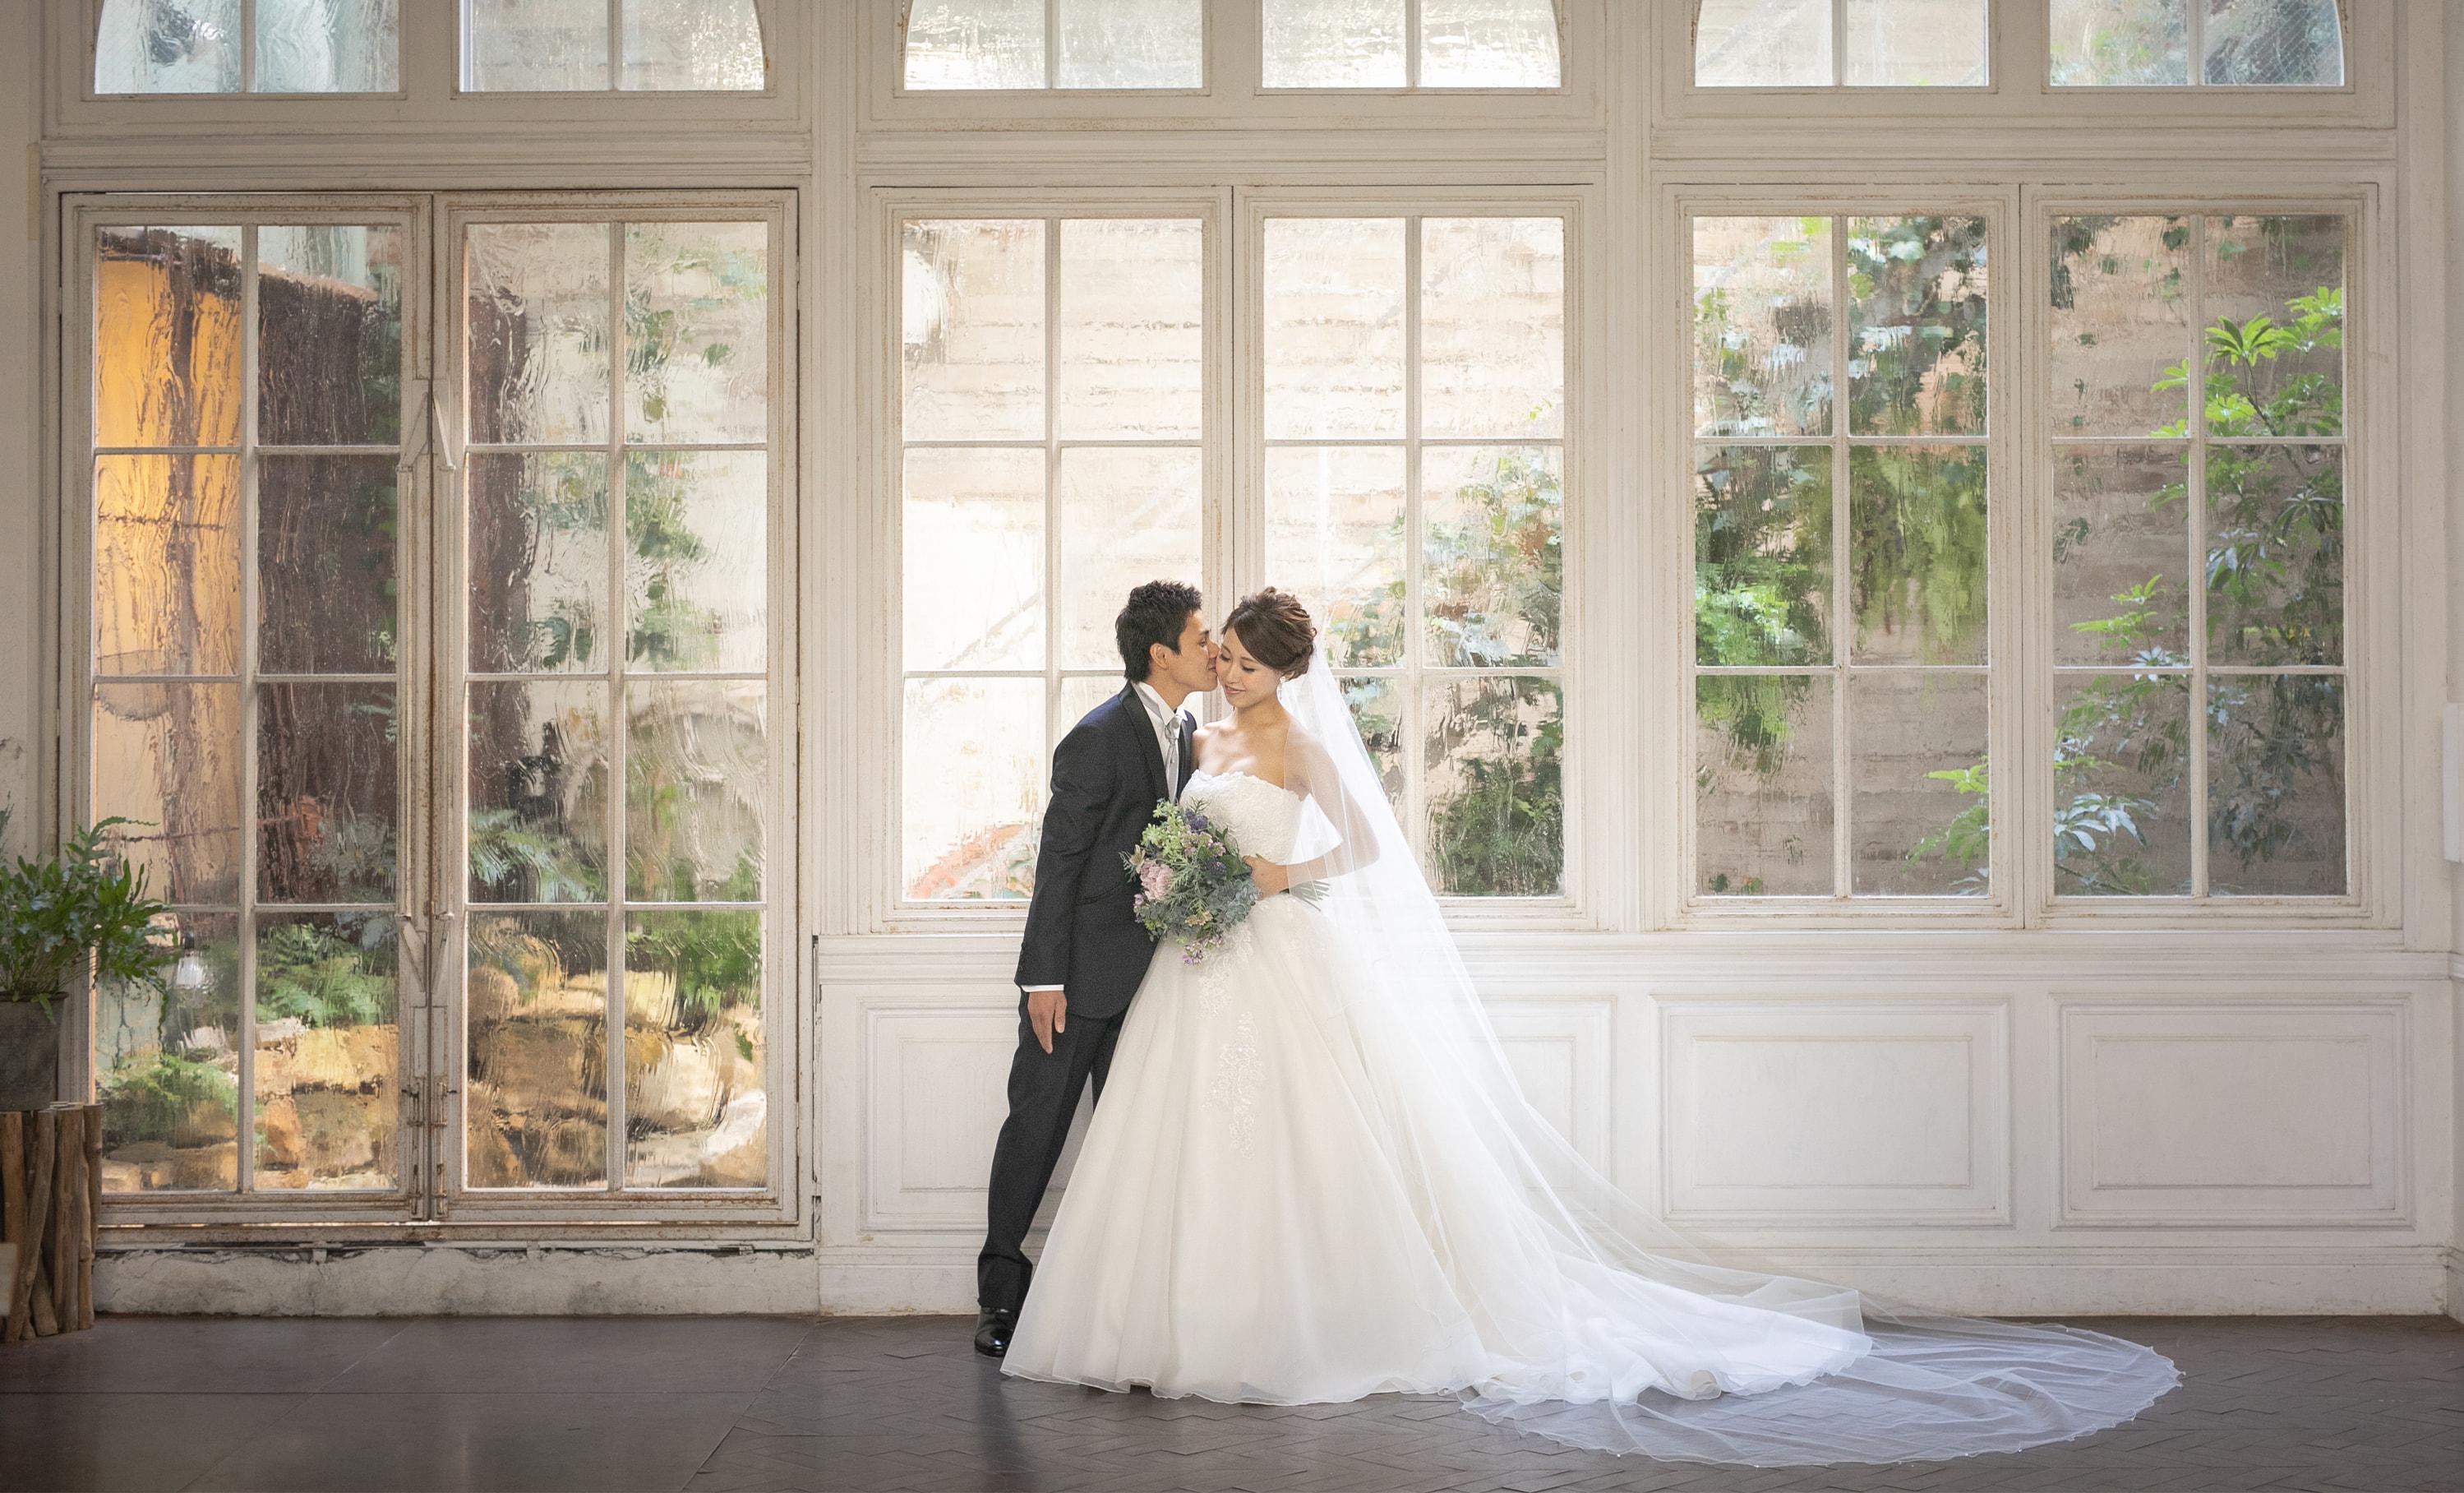 クレハウェディング|結婚式に関するお悩みを一緒に解決